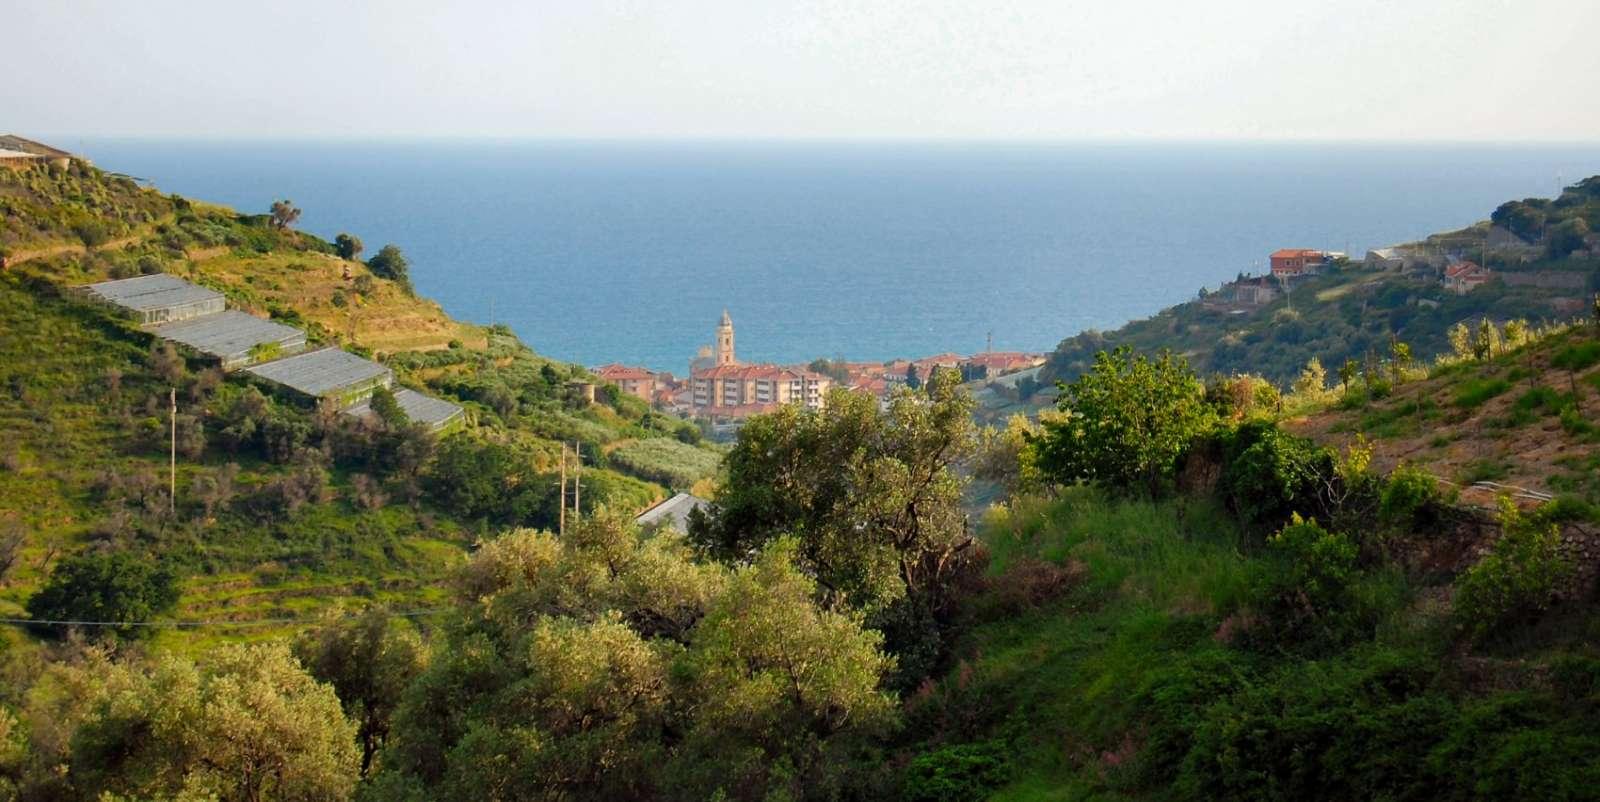 Udsigt ned mod havet og Riva Ligure